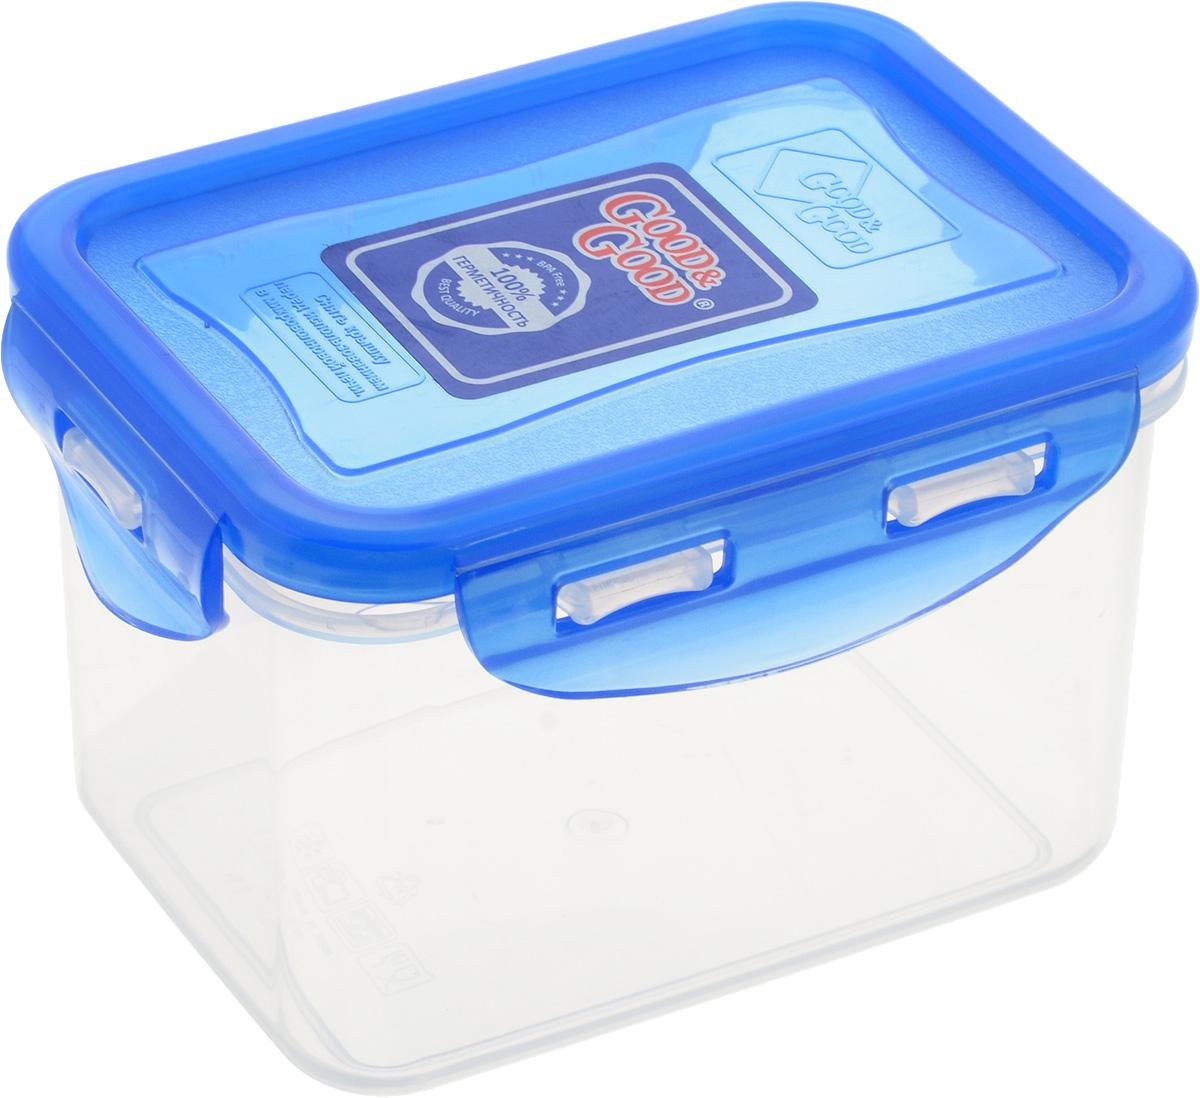 Контейнер пищевой Good&Good, цвет: прозрачный, синий, 630 млVT-1520(SR)Прямоугольный контейнер Good&Good изготовлен из высококачественного полипропилена и предназначен для хранения любых пищевых продуктов. Благодаря особым технологиям изготовления, лотки в течение времени службы не меняют цвет и не пропитываются запахами. Крышка с силиконовой вставкой герметично защелкивается специальным механизмом. Контейнер Good&Good удобен для ежедневного использования в быту.Можно мыть в посудомоечной машине и использовать в микроволновой печи.Размер контейнера (с учетом крышки): 13 х 10 х 8,5 см.